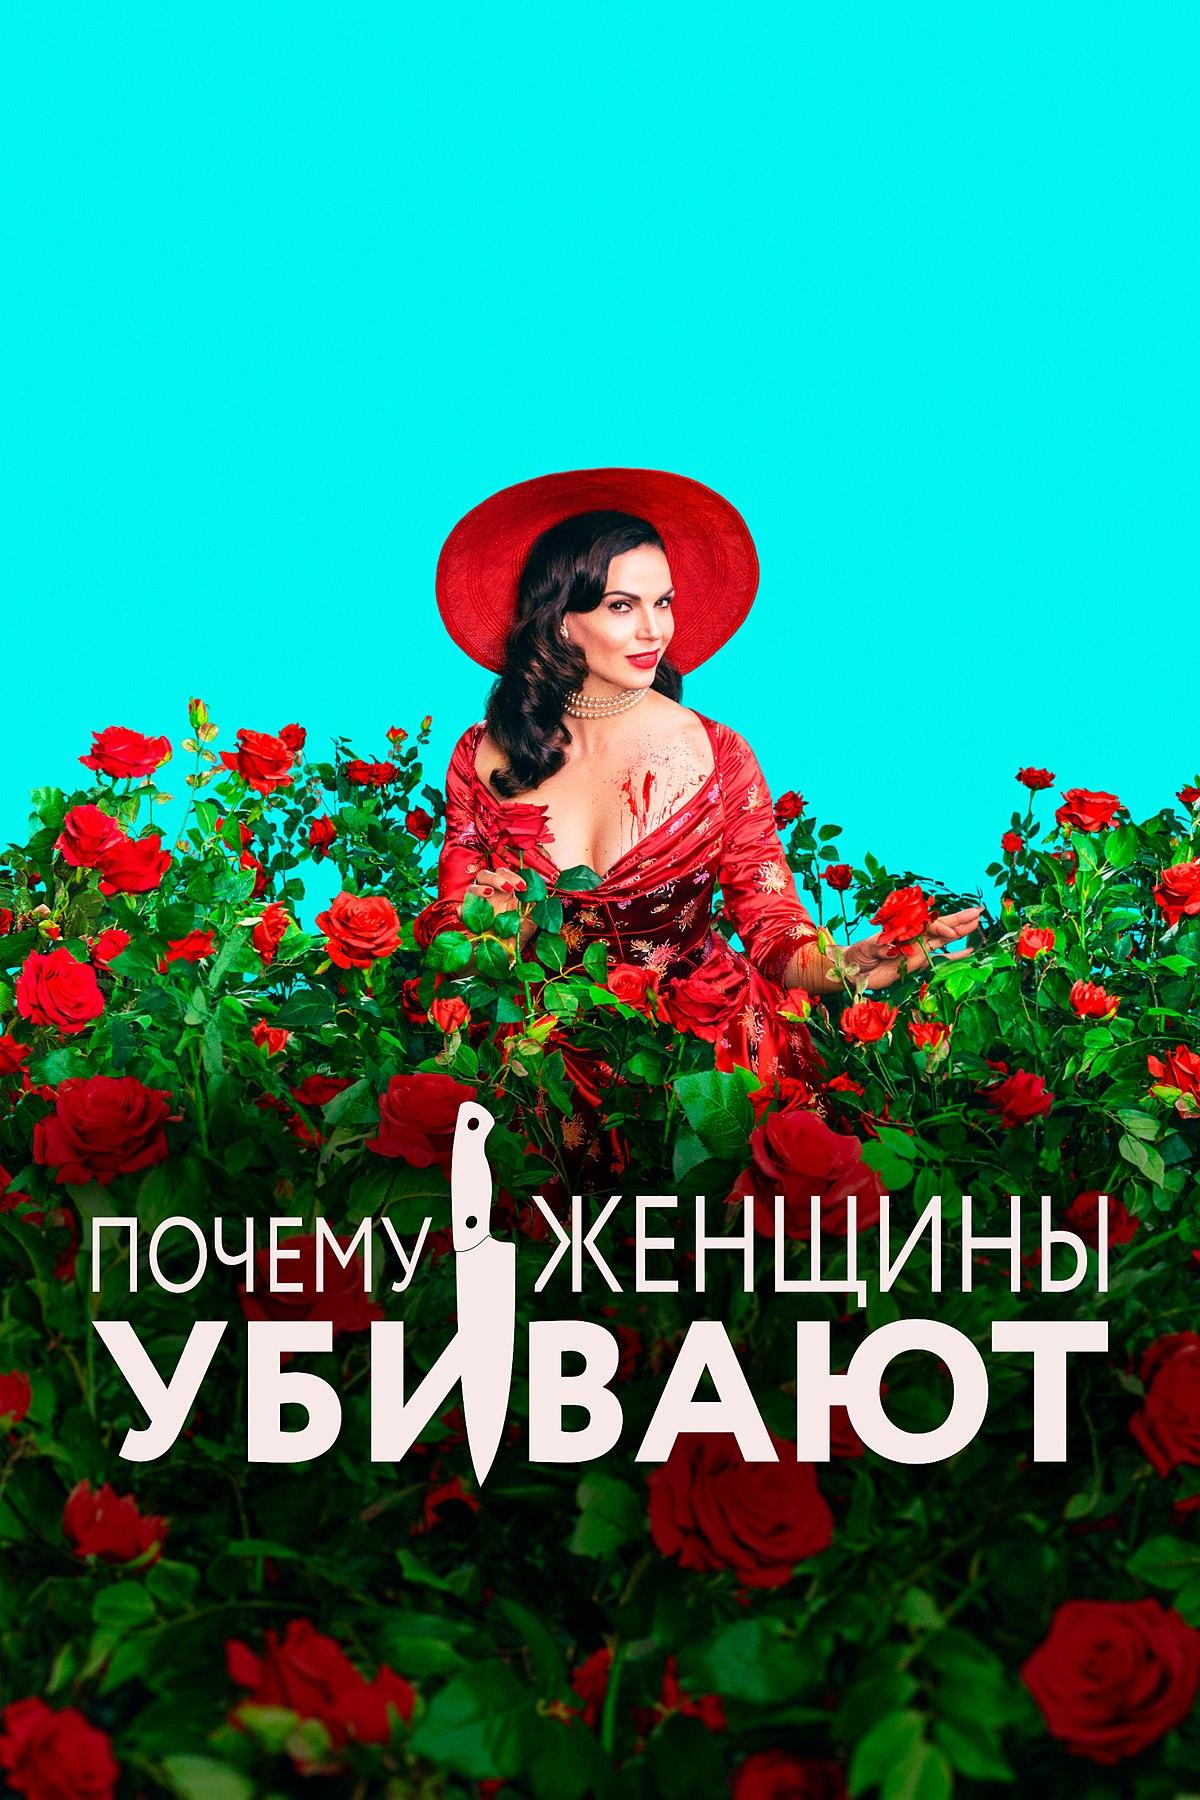 Image result for «ПОЧЕМУ ЖЕНЩИНЫ УБИВАЮТ?»